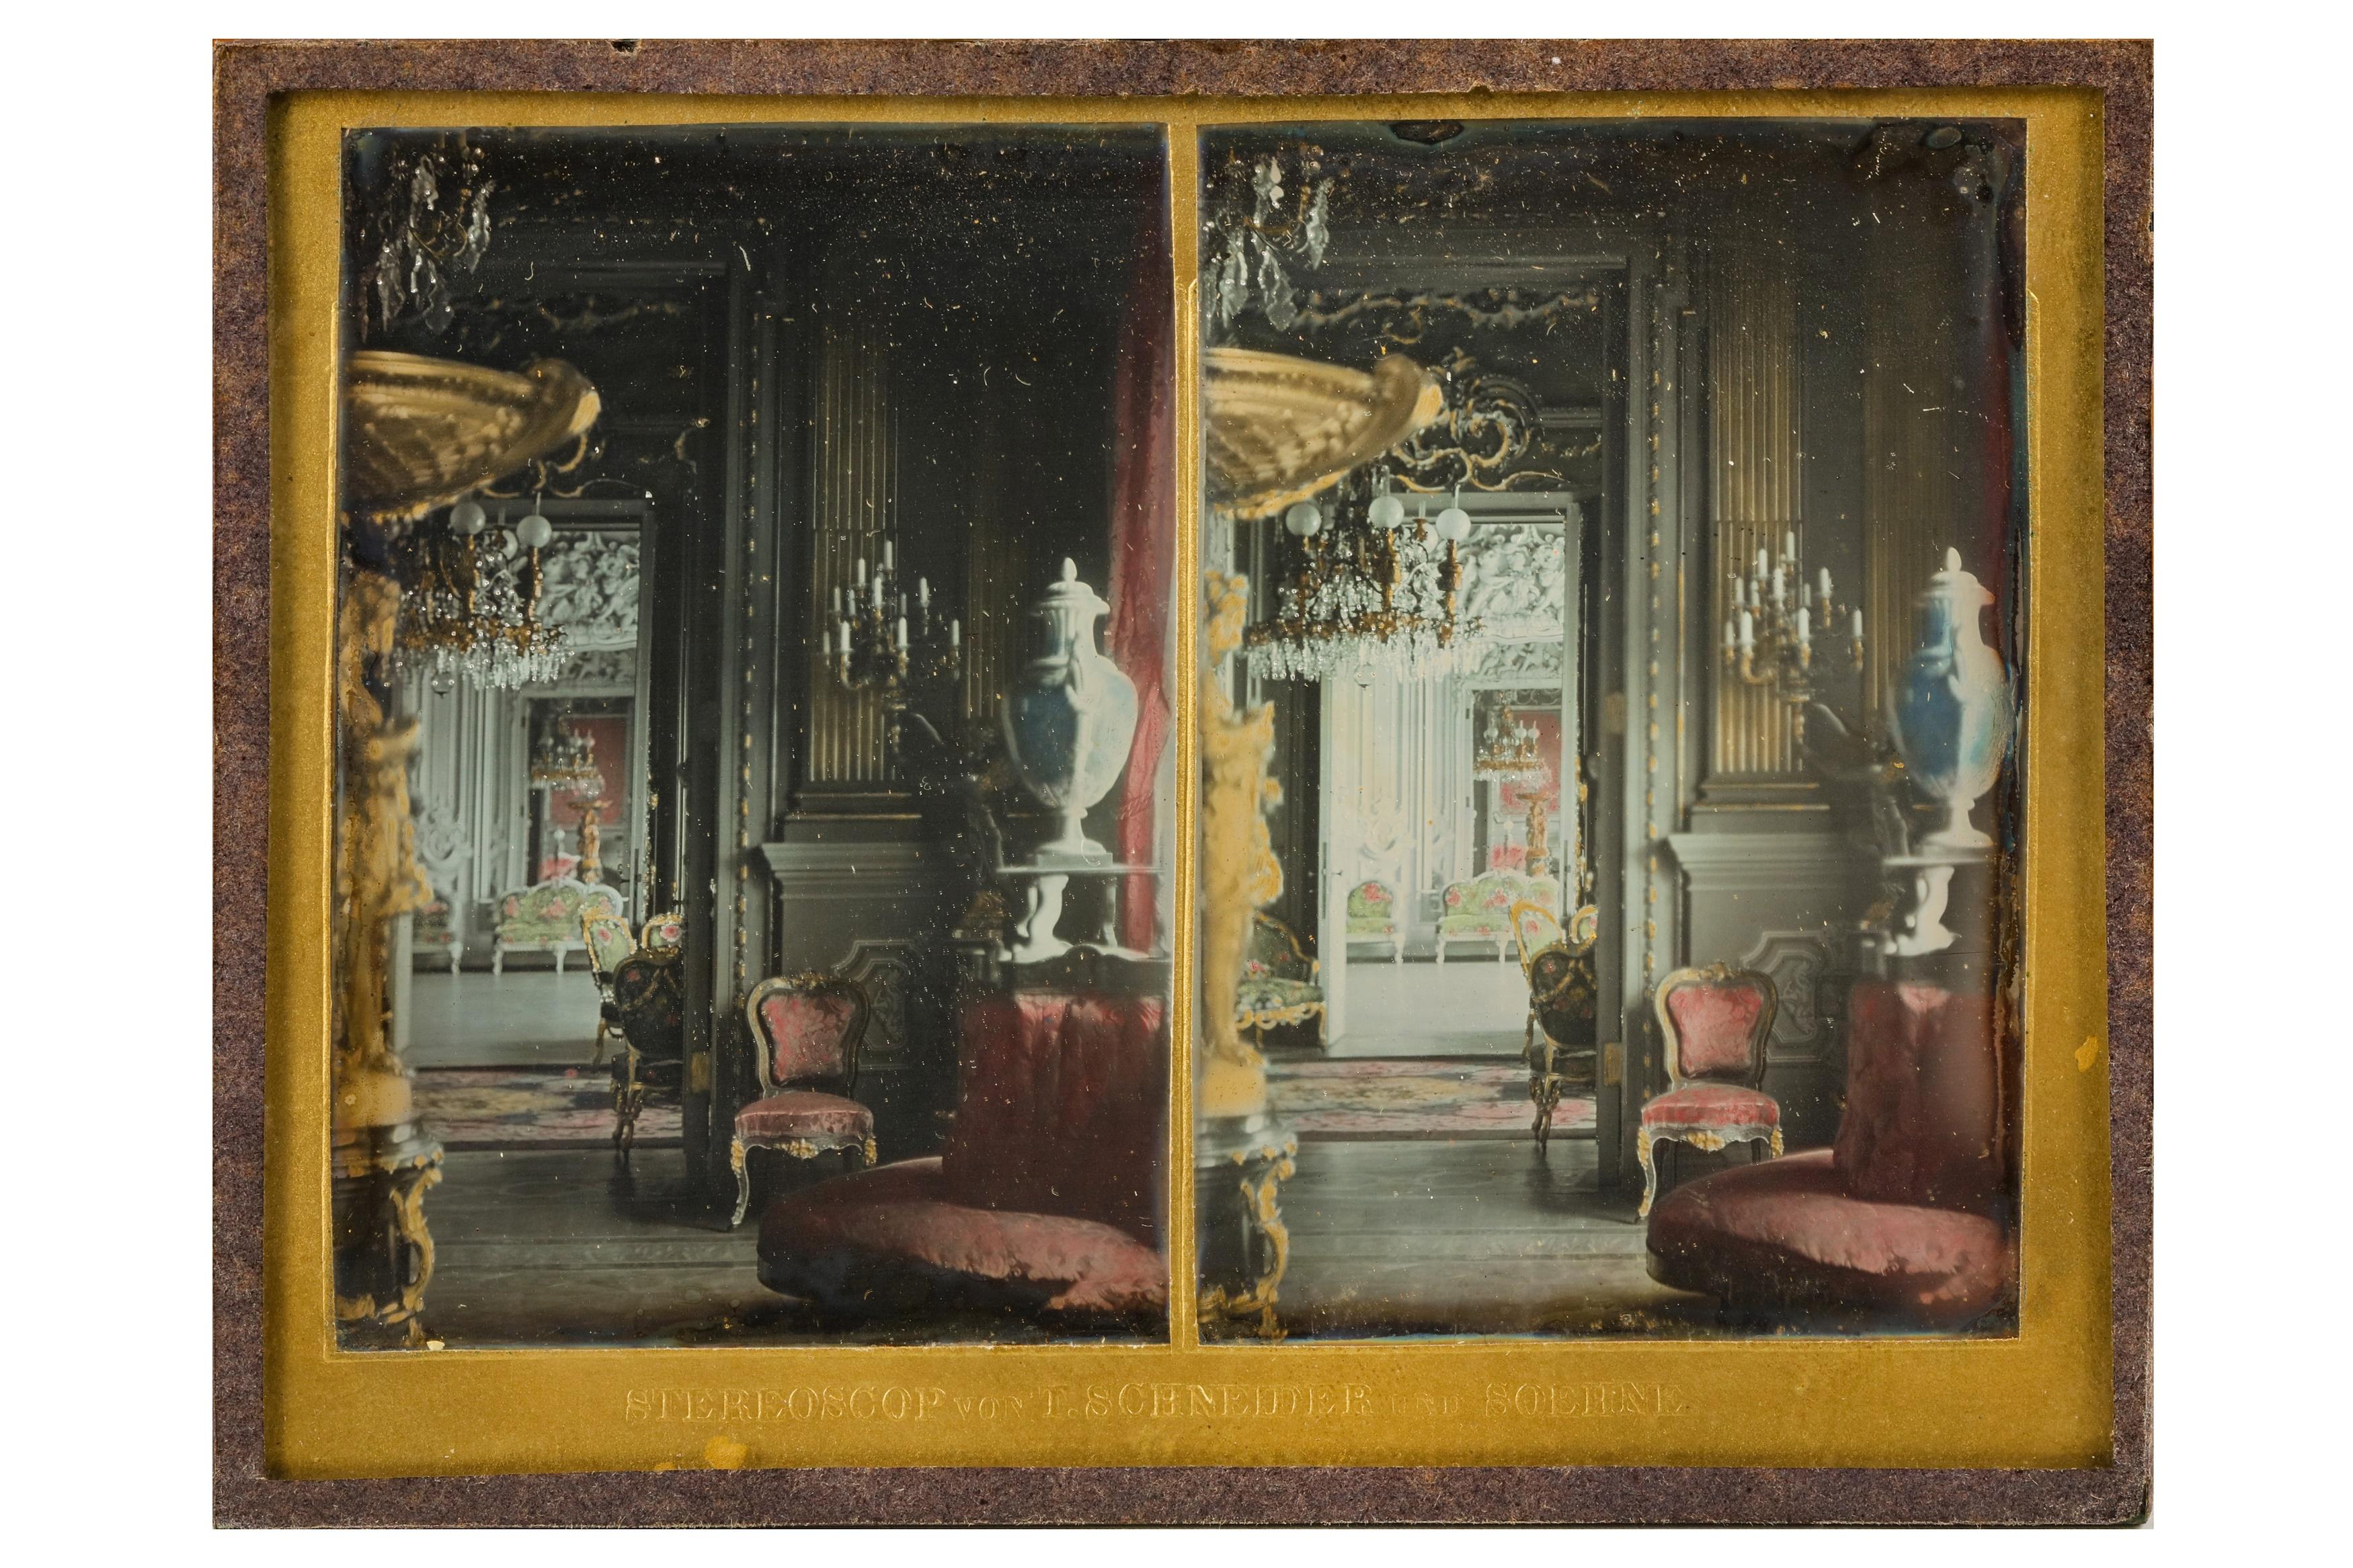 T. SCHNEIDER & SONS (1847-1921) - Image 20 of 22